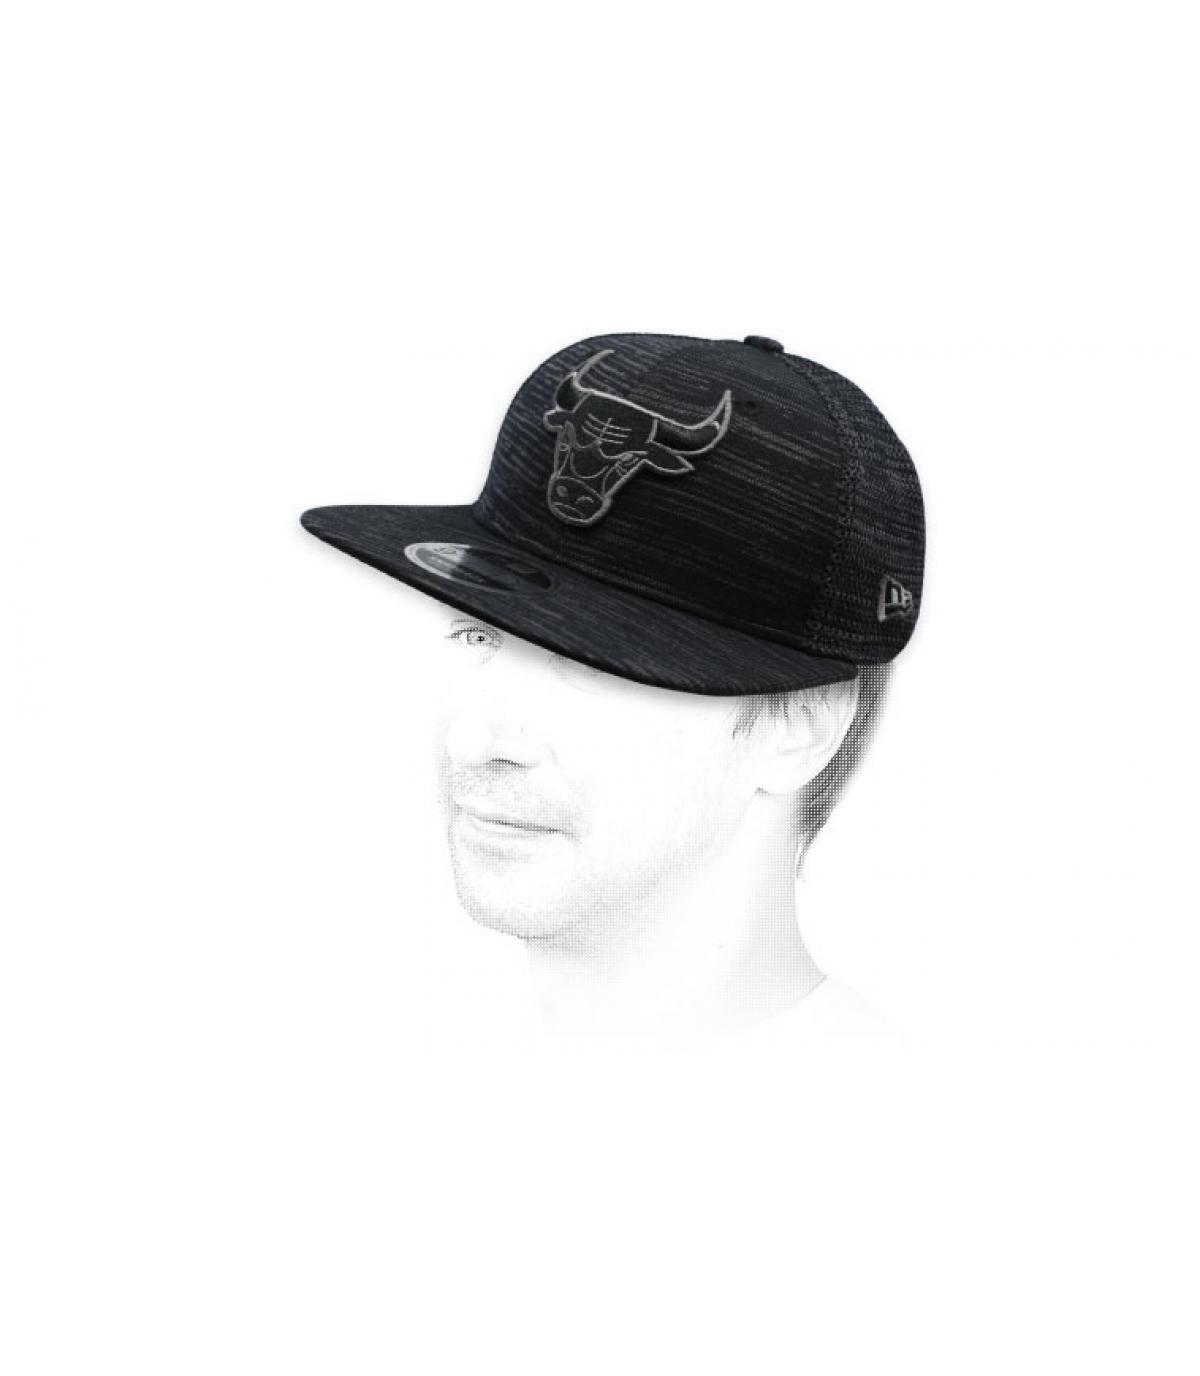 black Bulls snapback Engineered